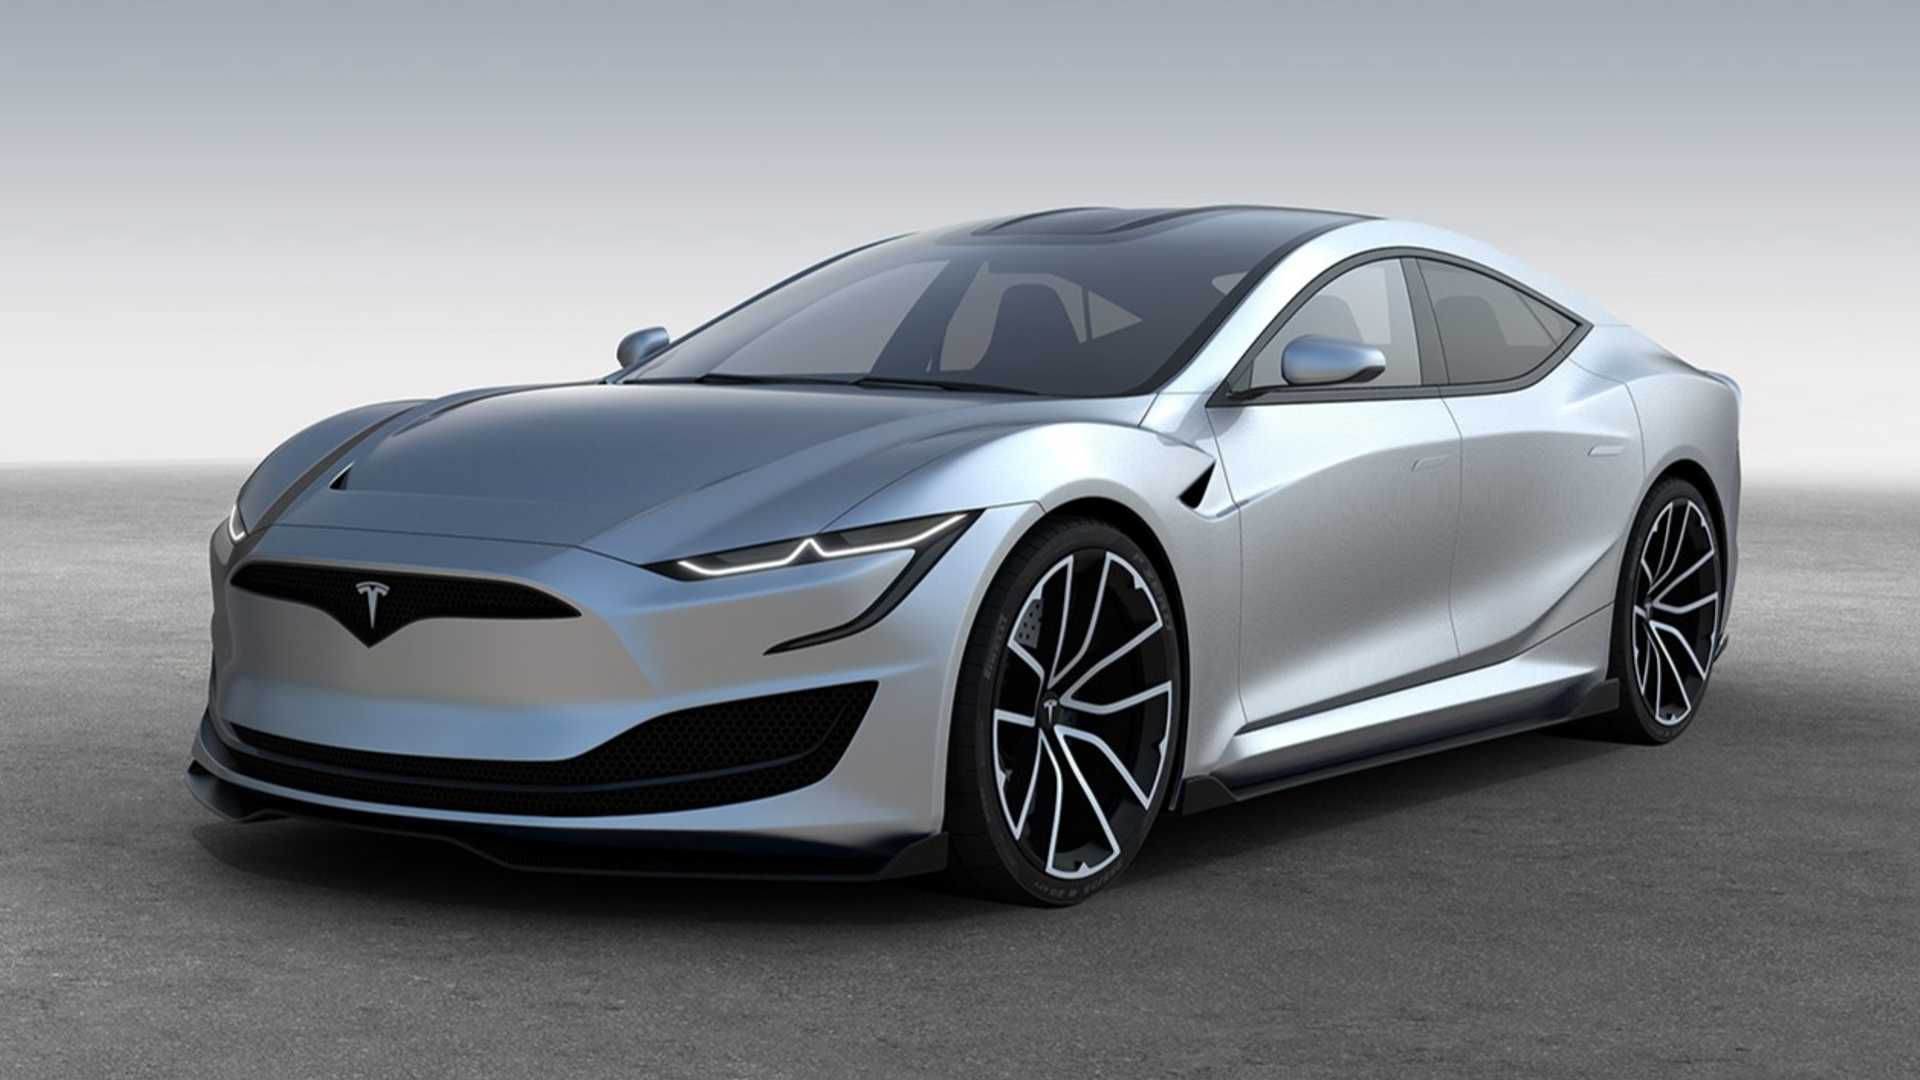 Rumor Mill: Next-Gen Tesla Model S/X To Get New Battery, 3 Motors